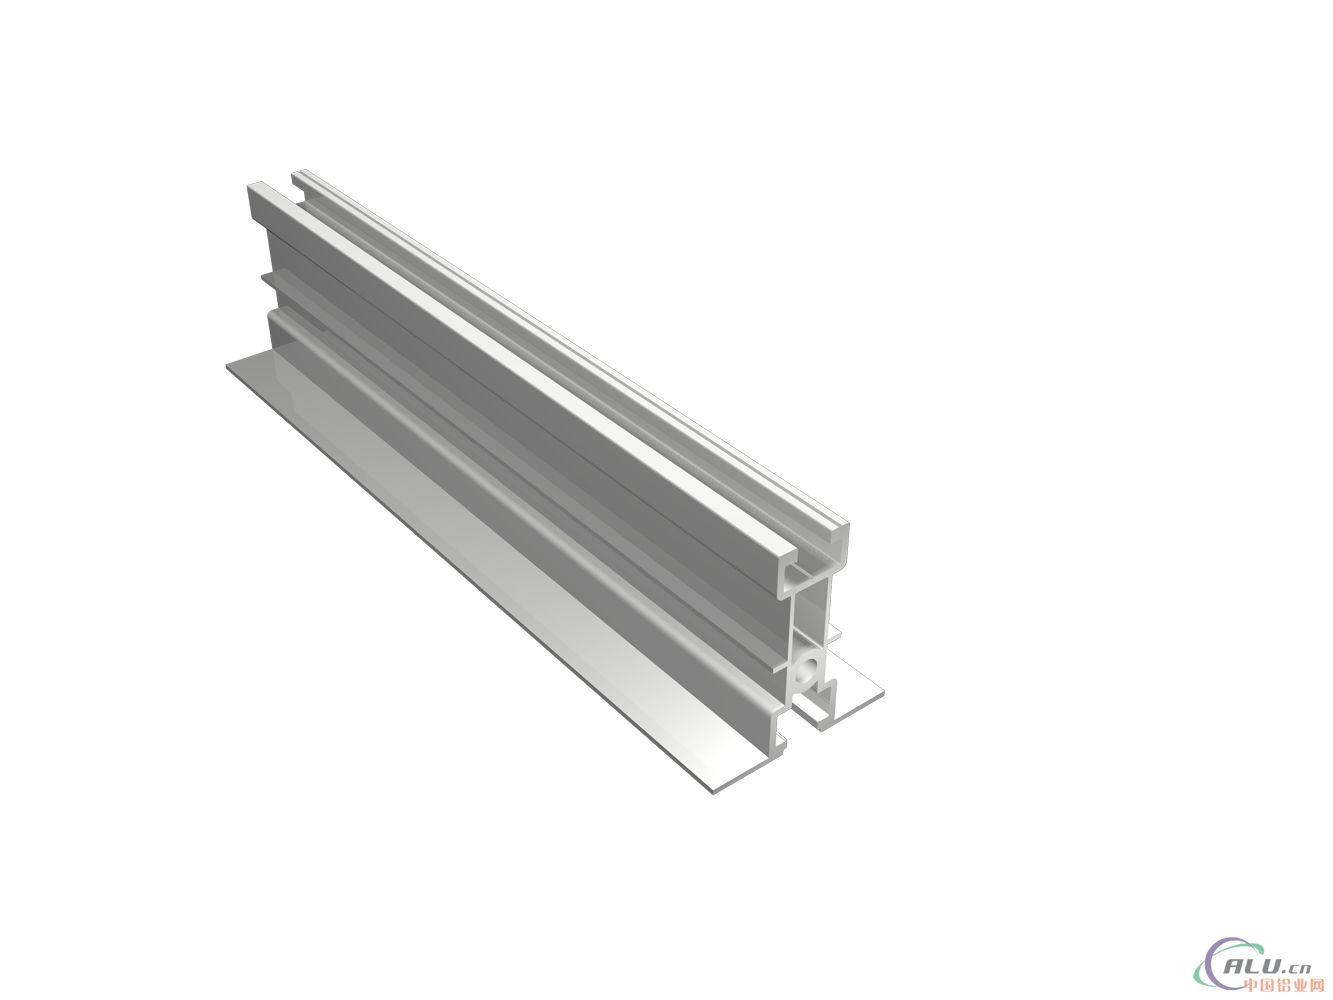 汽车天窗铝型材,太阳能铝边框